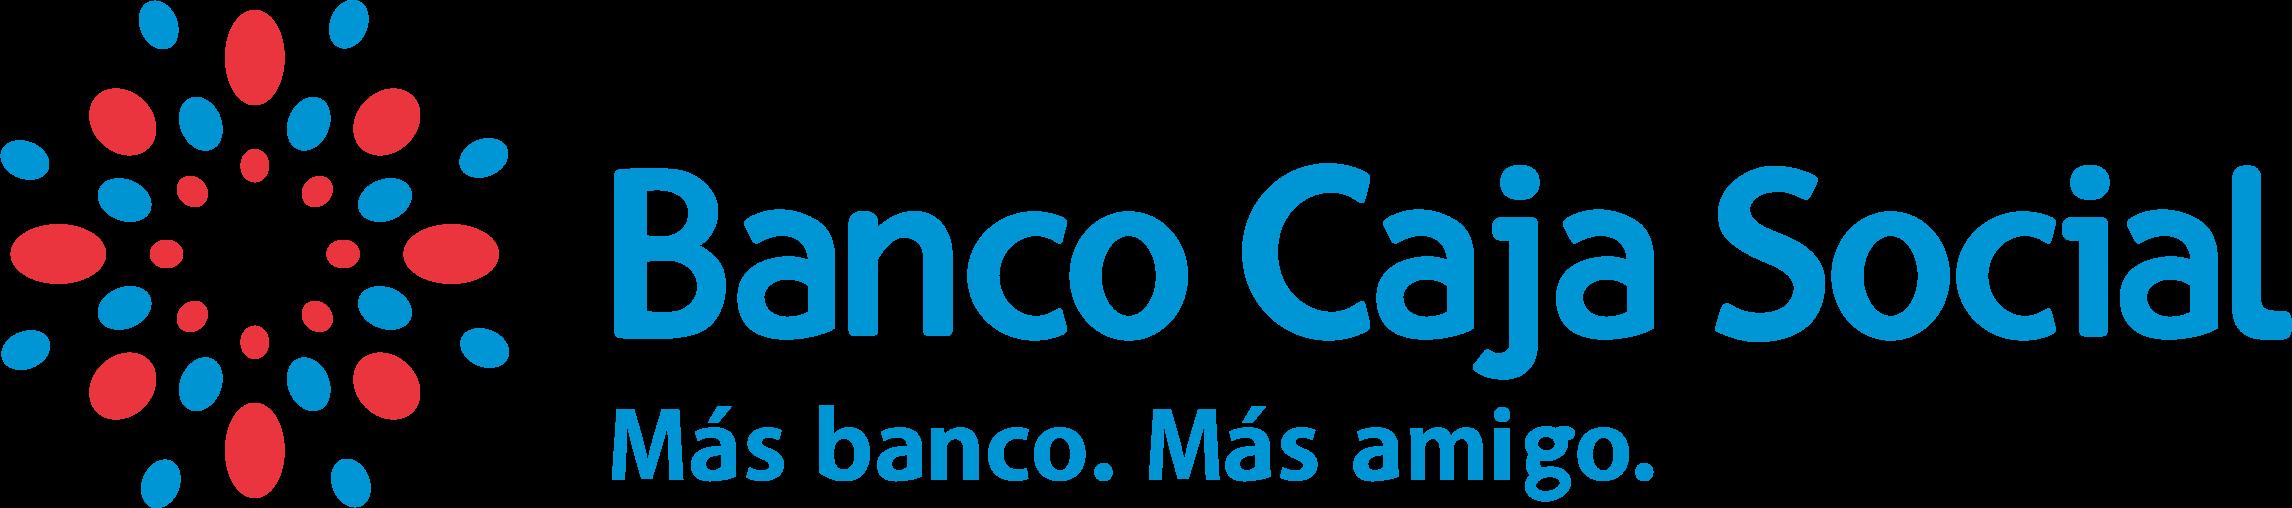 Oficinas y horarios de banco caja social para s bados en for Oficinas seguridad social barcelona horarios